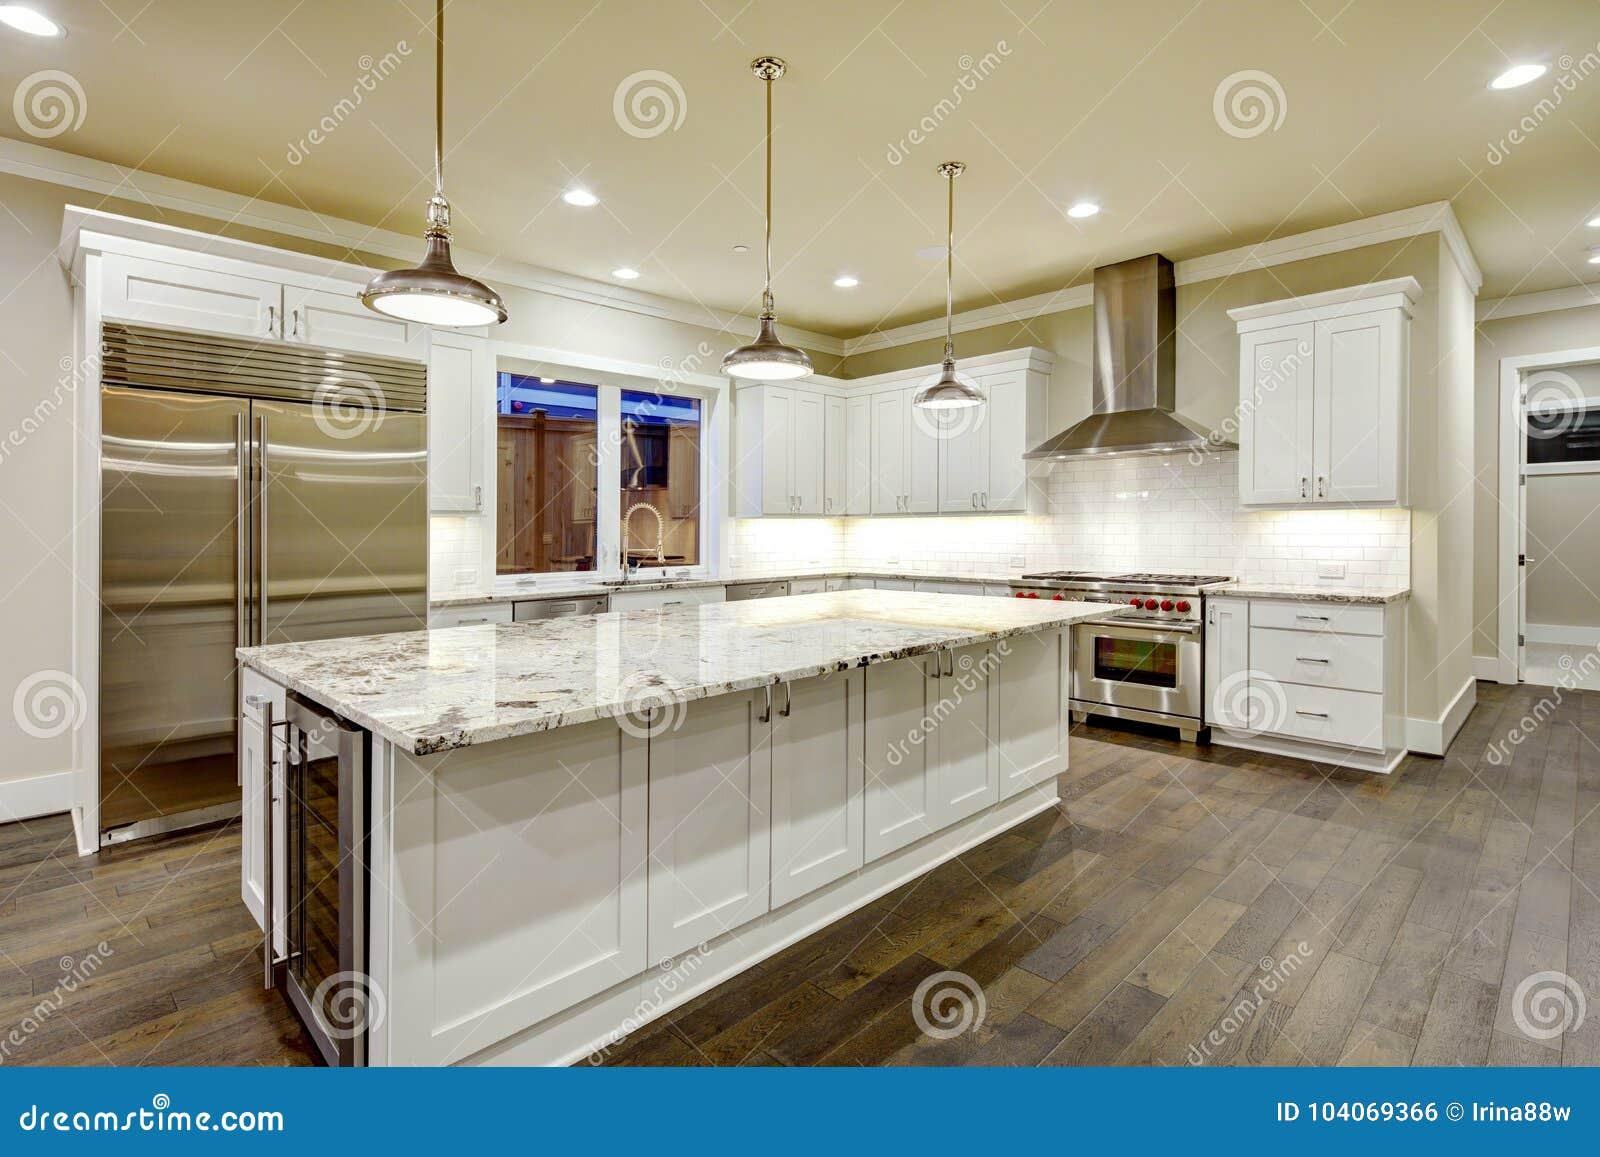 Stor rymlig kökdesign med vita köksskåp